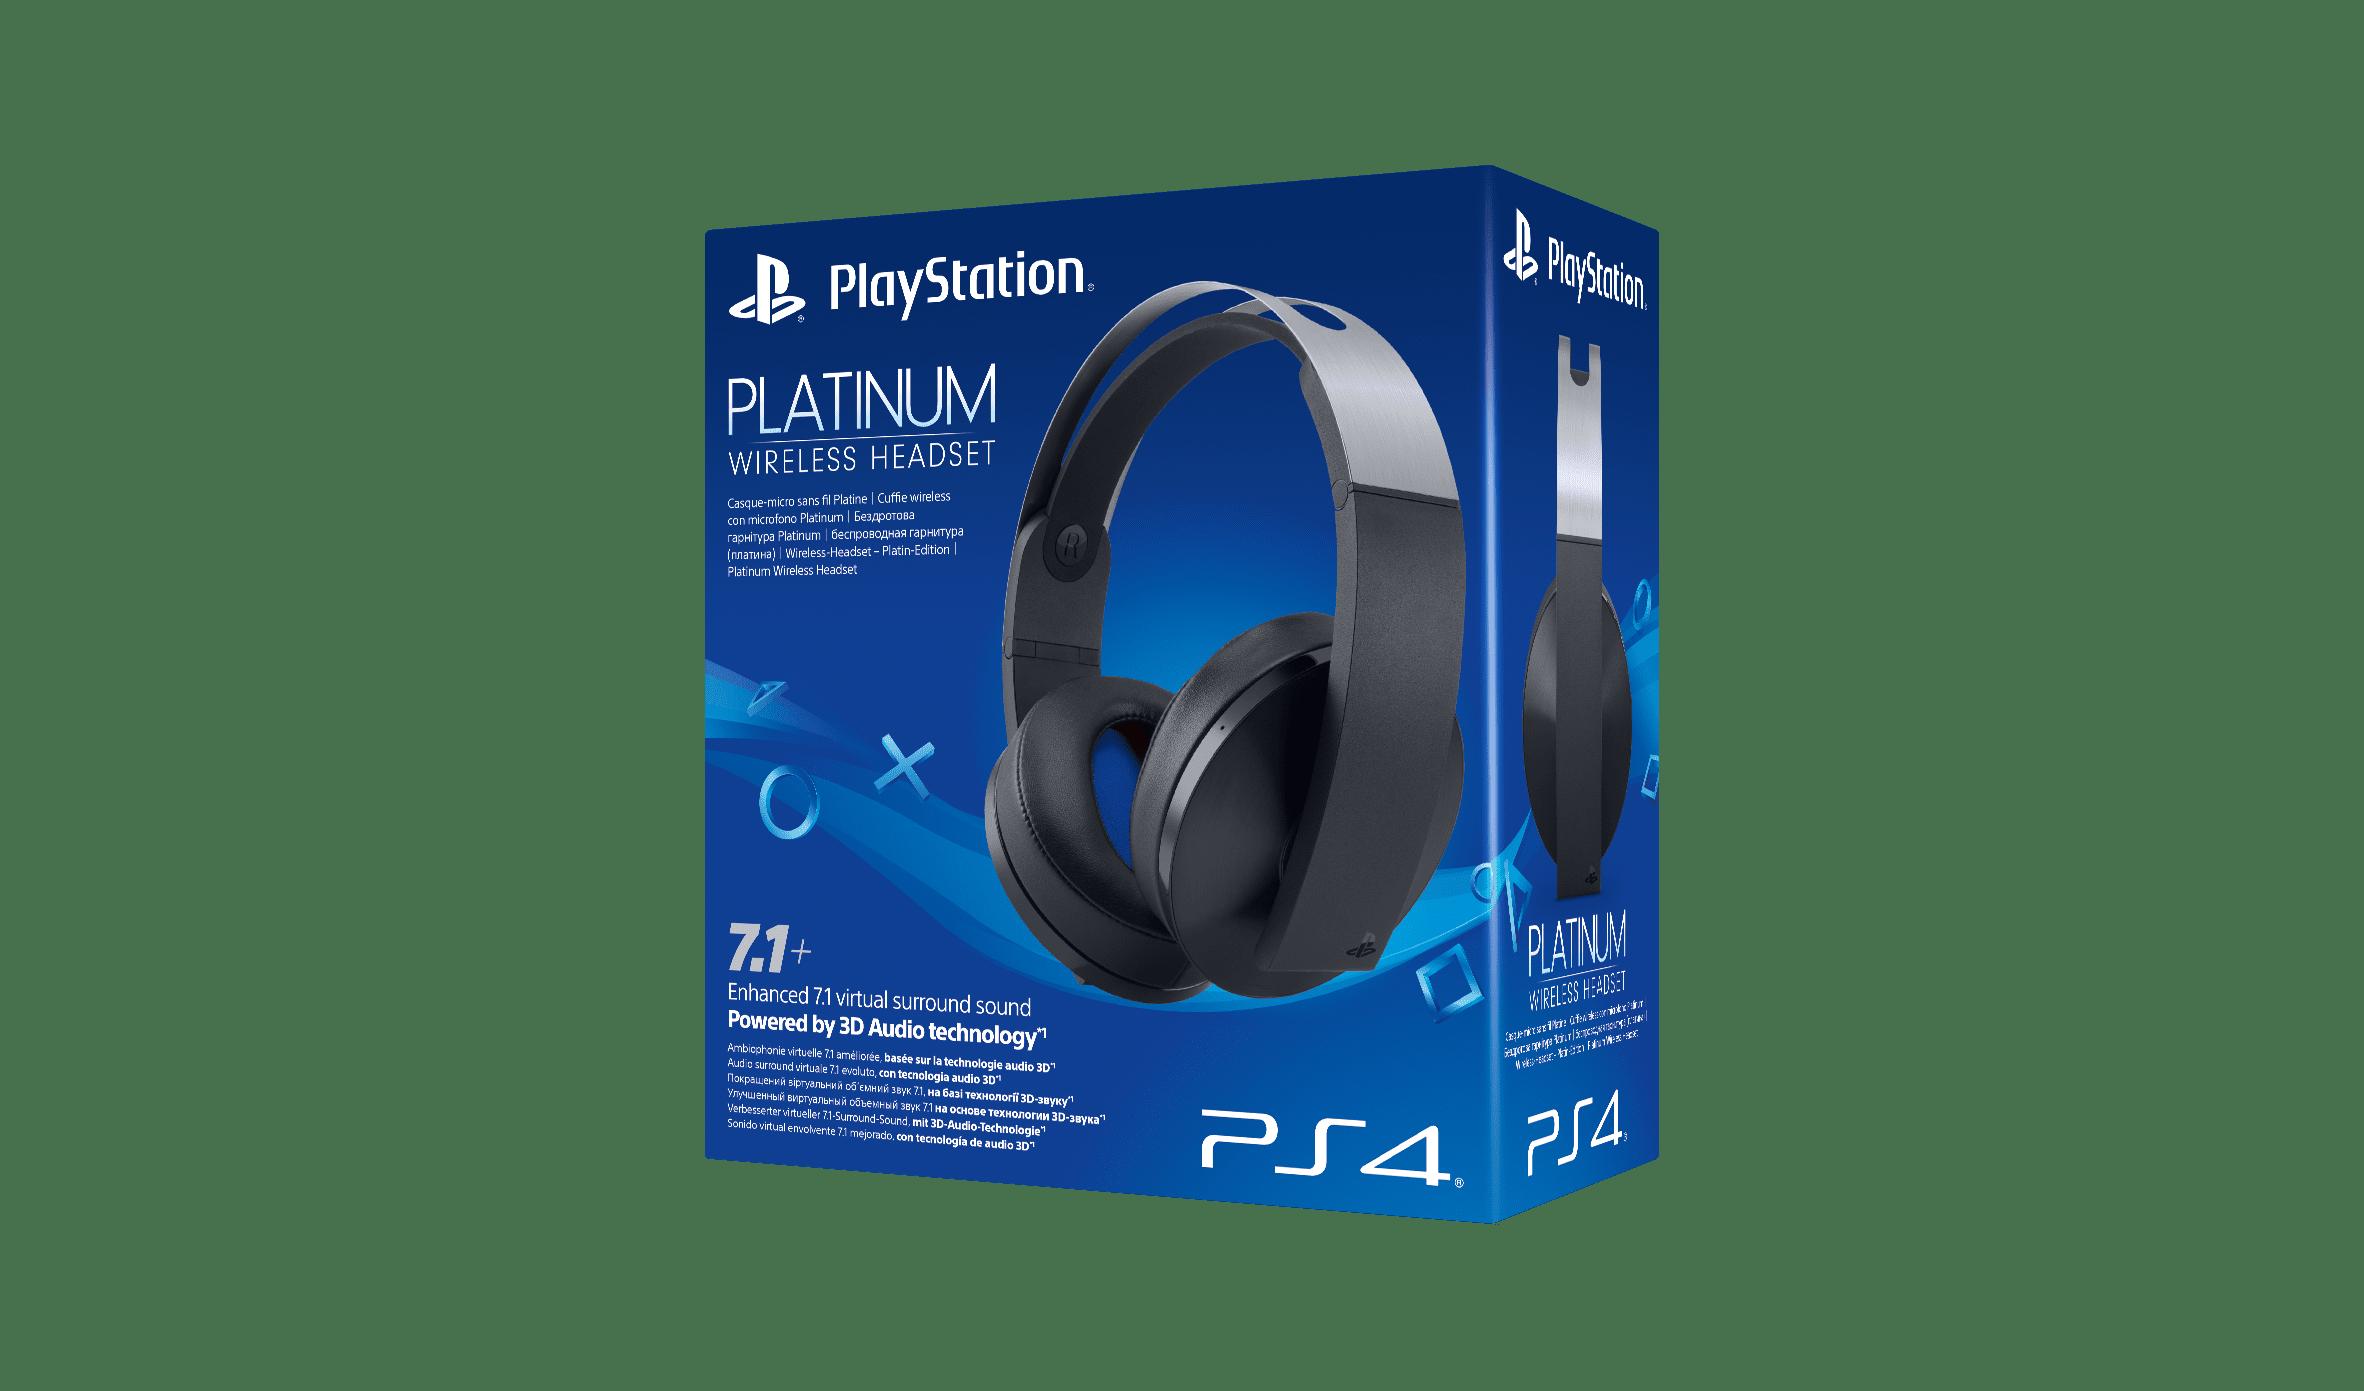 наушники беспроводные Sony Platinum Wireless Headset Ps4 купить